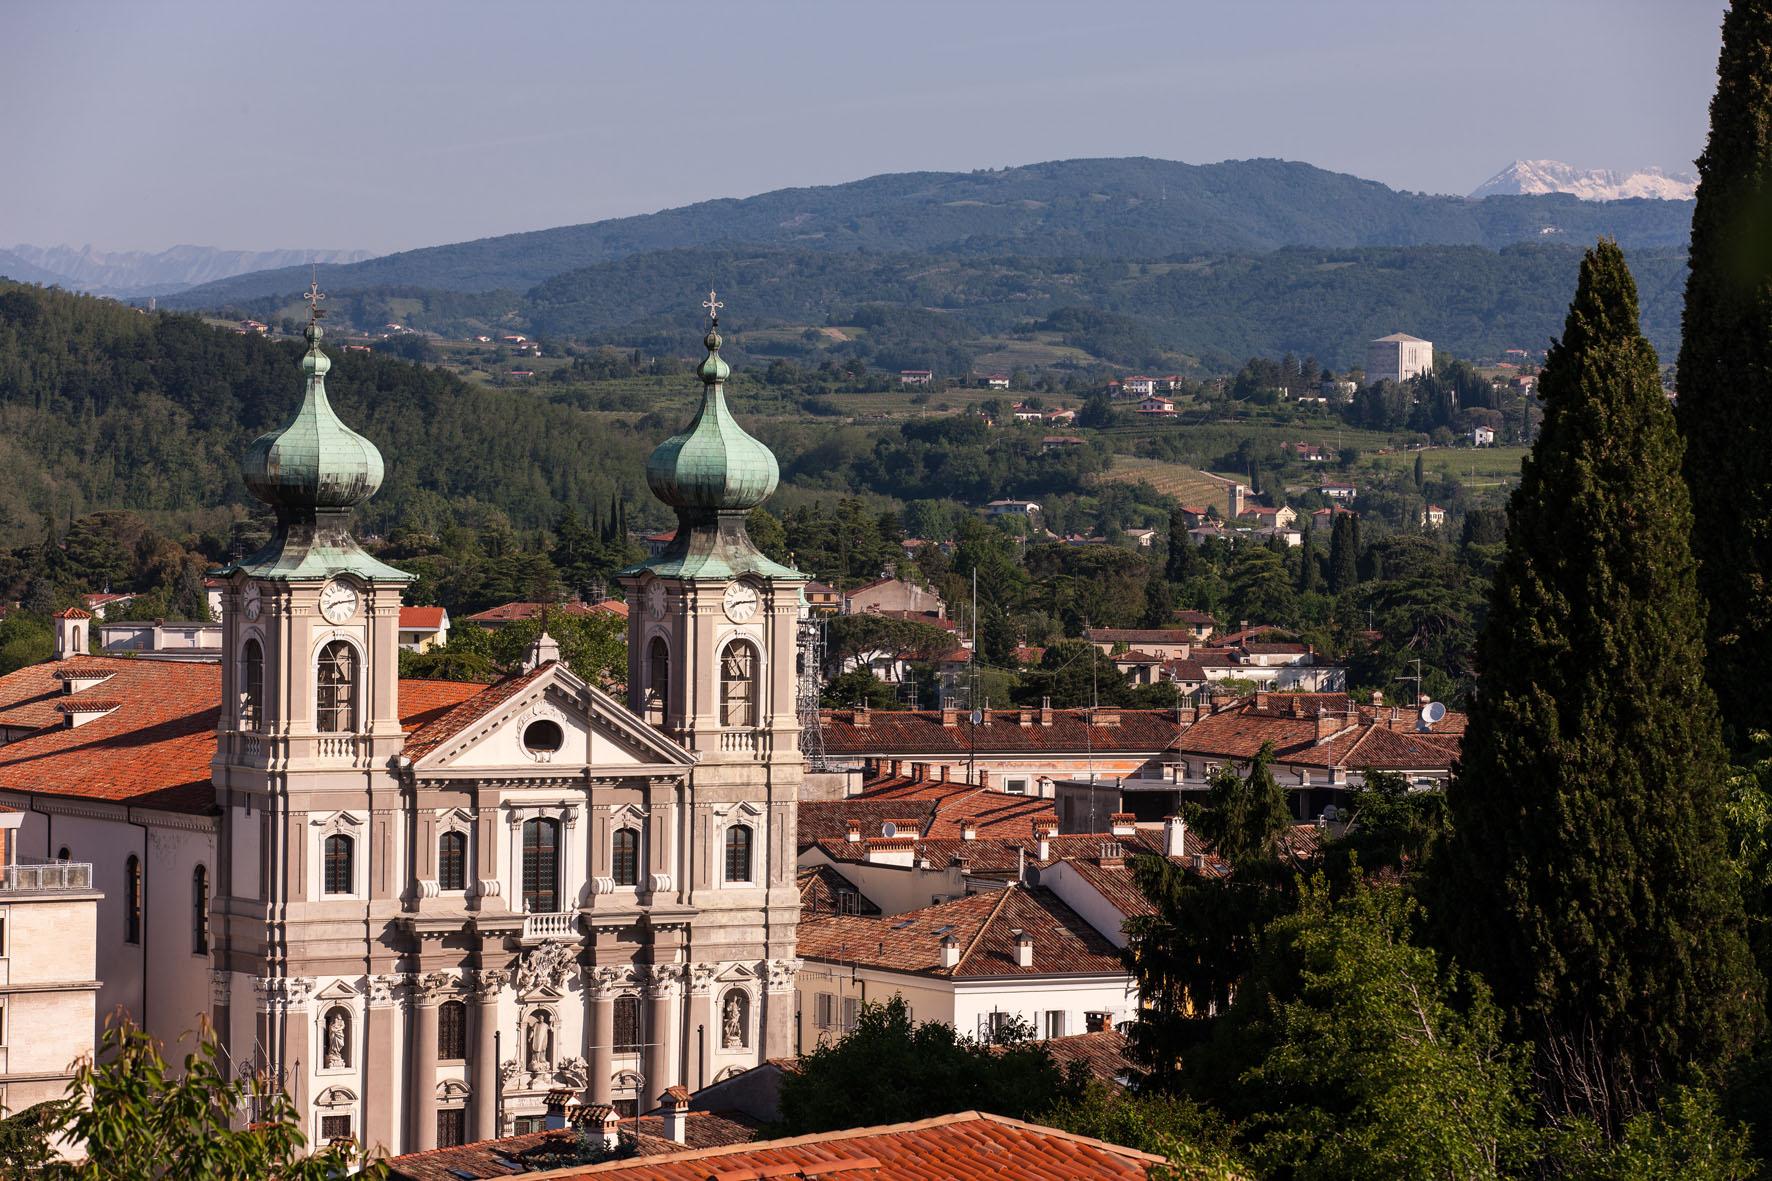 Chiesa di Sant'Ignazio-Gorizia-Foto di Massimo Crivellari-Il fascino del Friuli Venezia Giulia